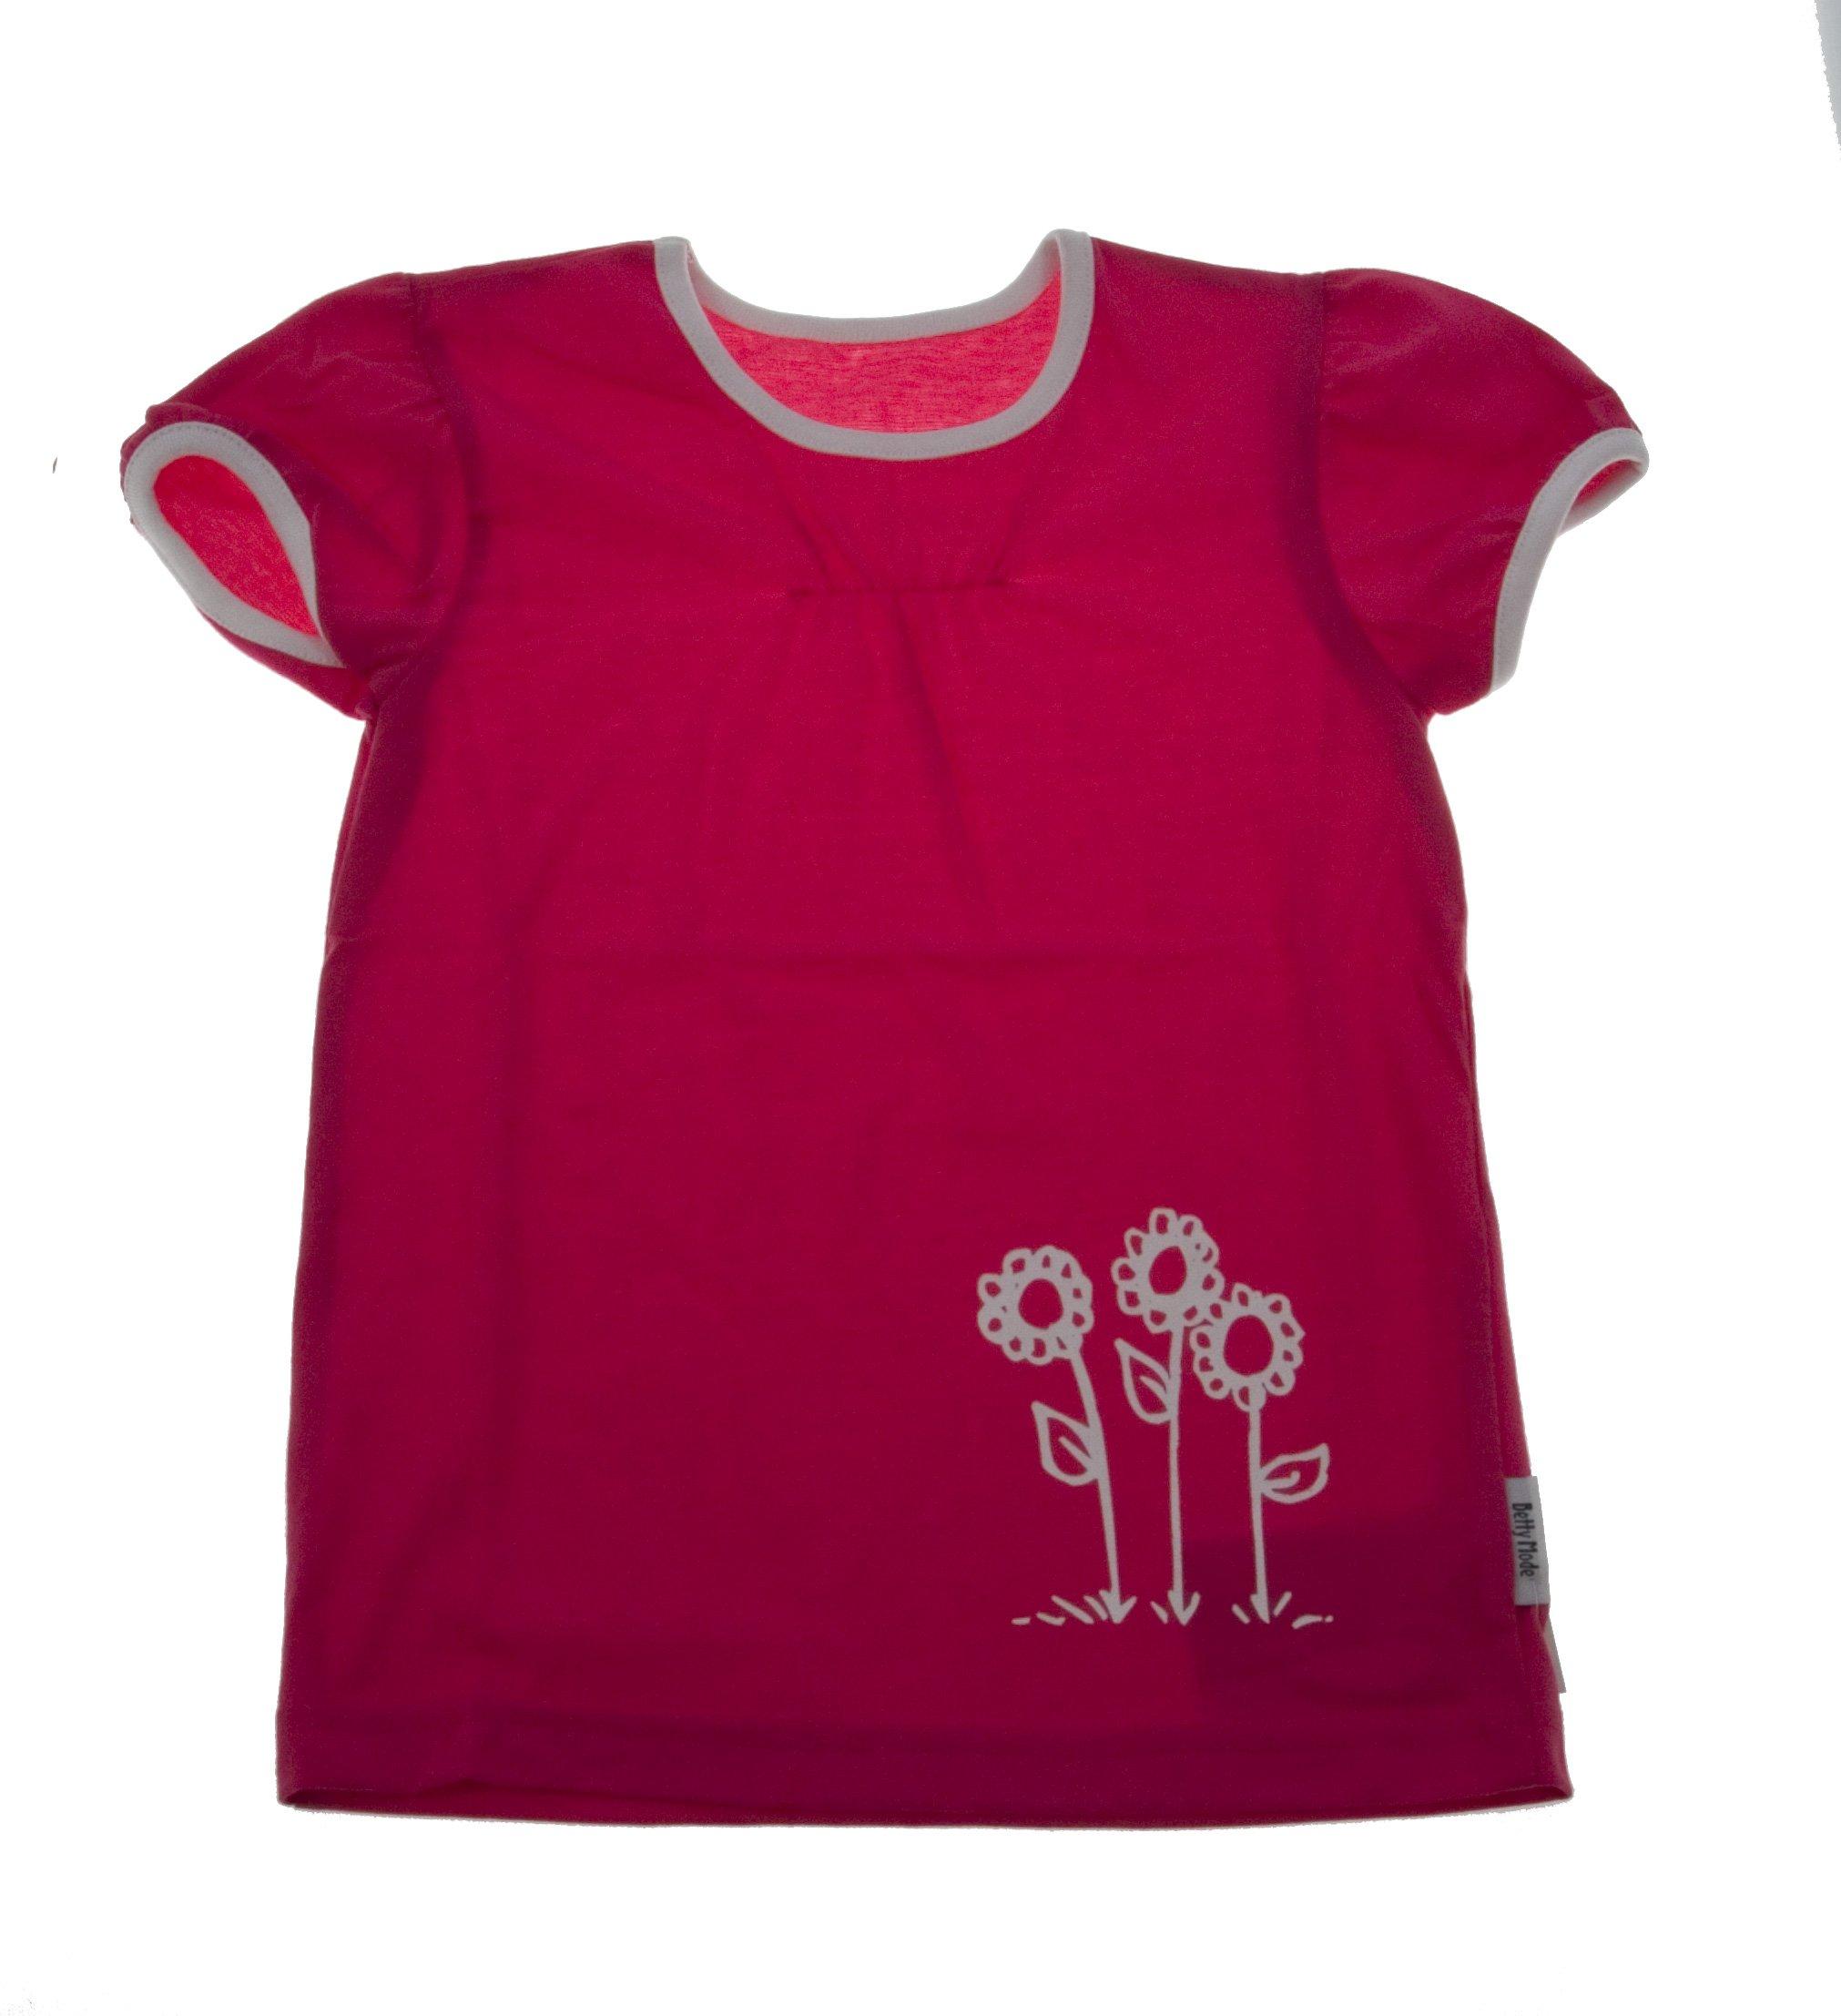 Dívèí trièko s krátkým rukávem 122-140 - VÝPRODEJ